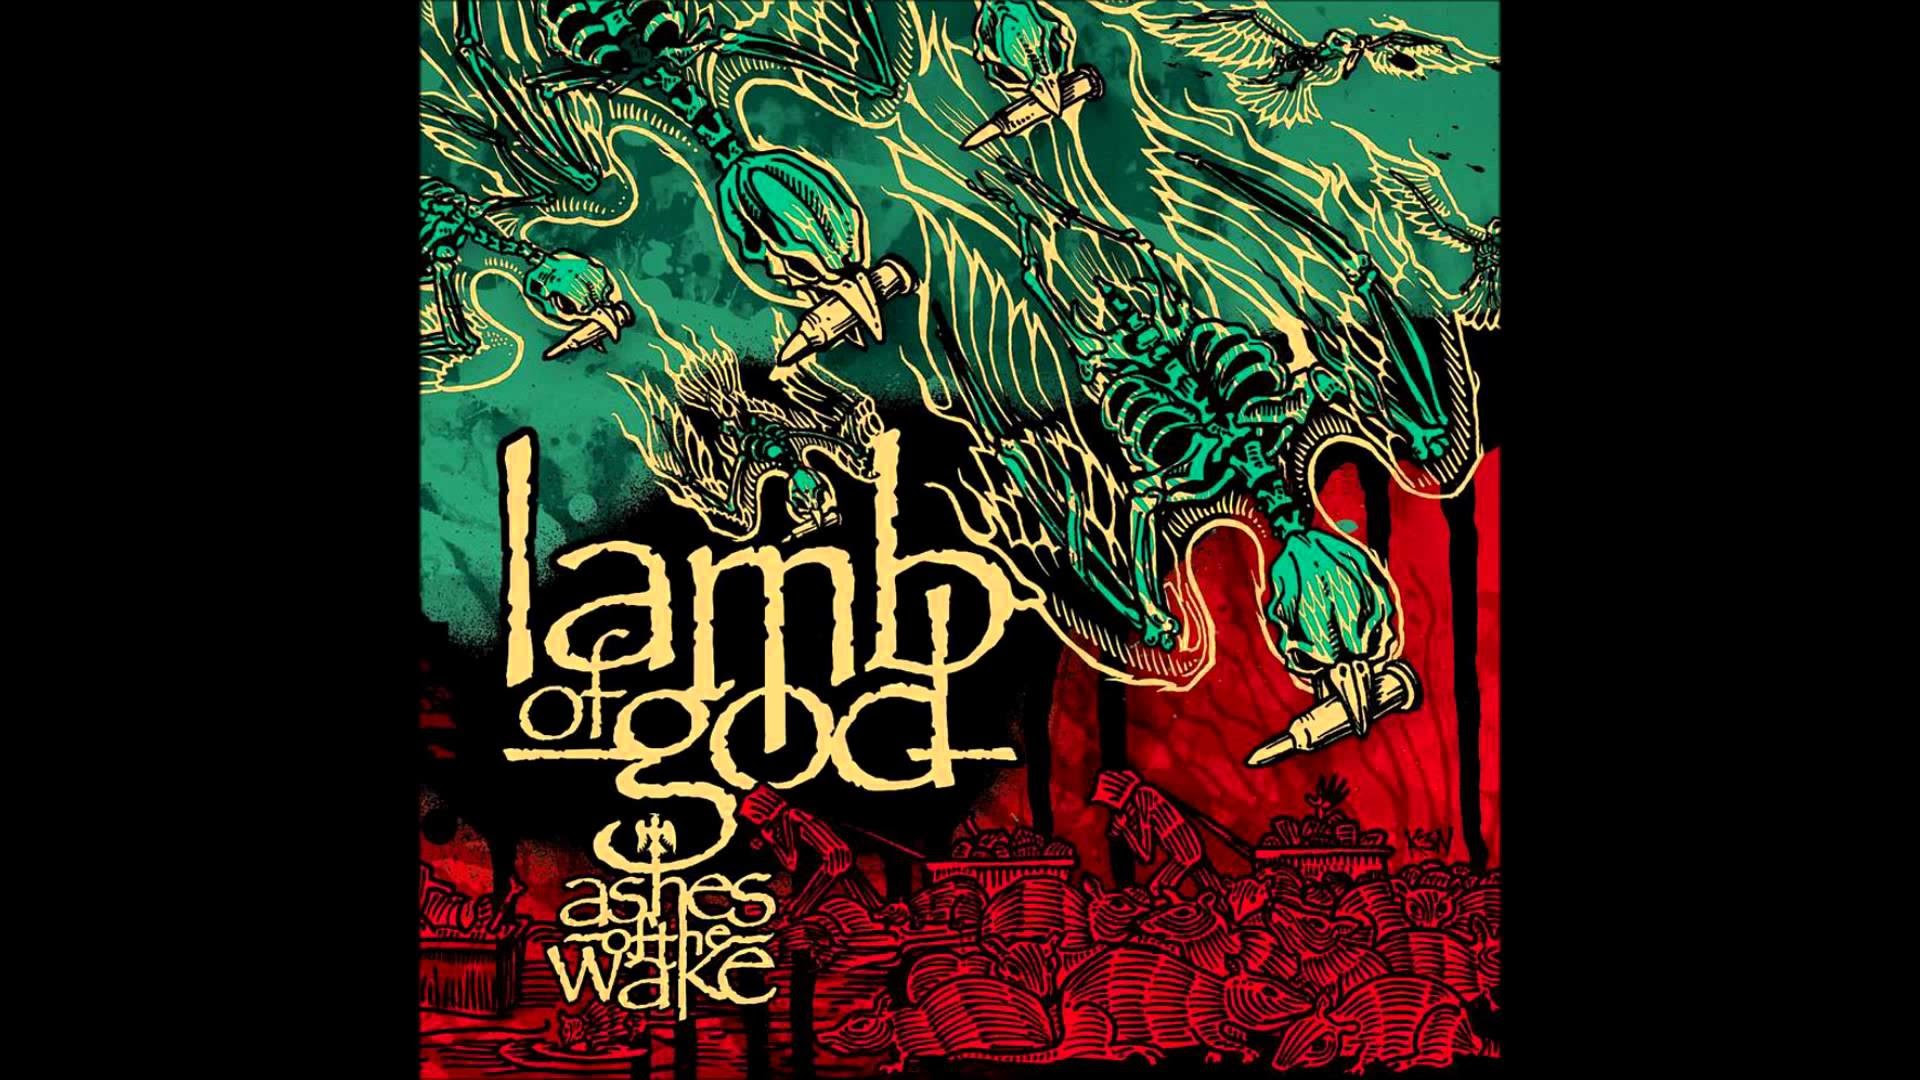 Hd Lamb Of God Wallpaper 61 Images